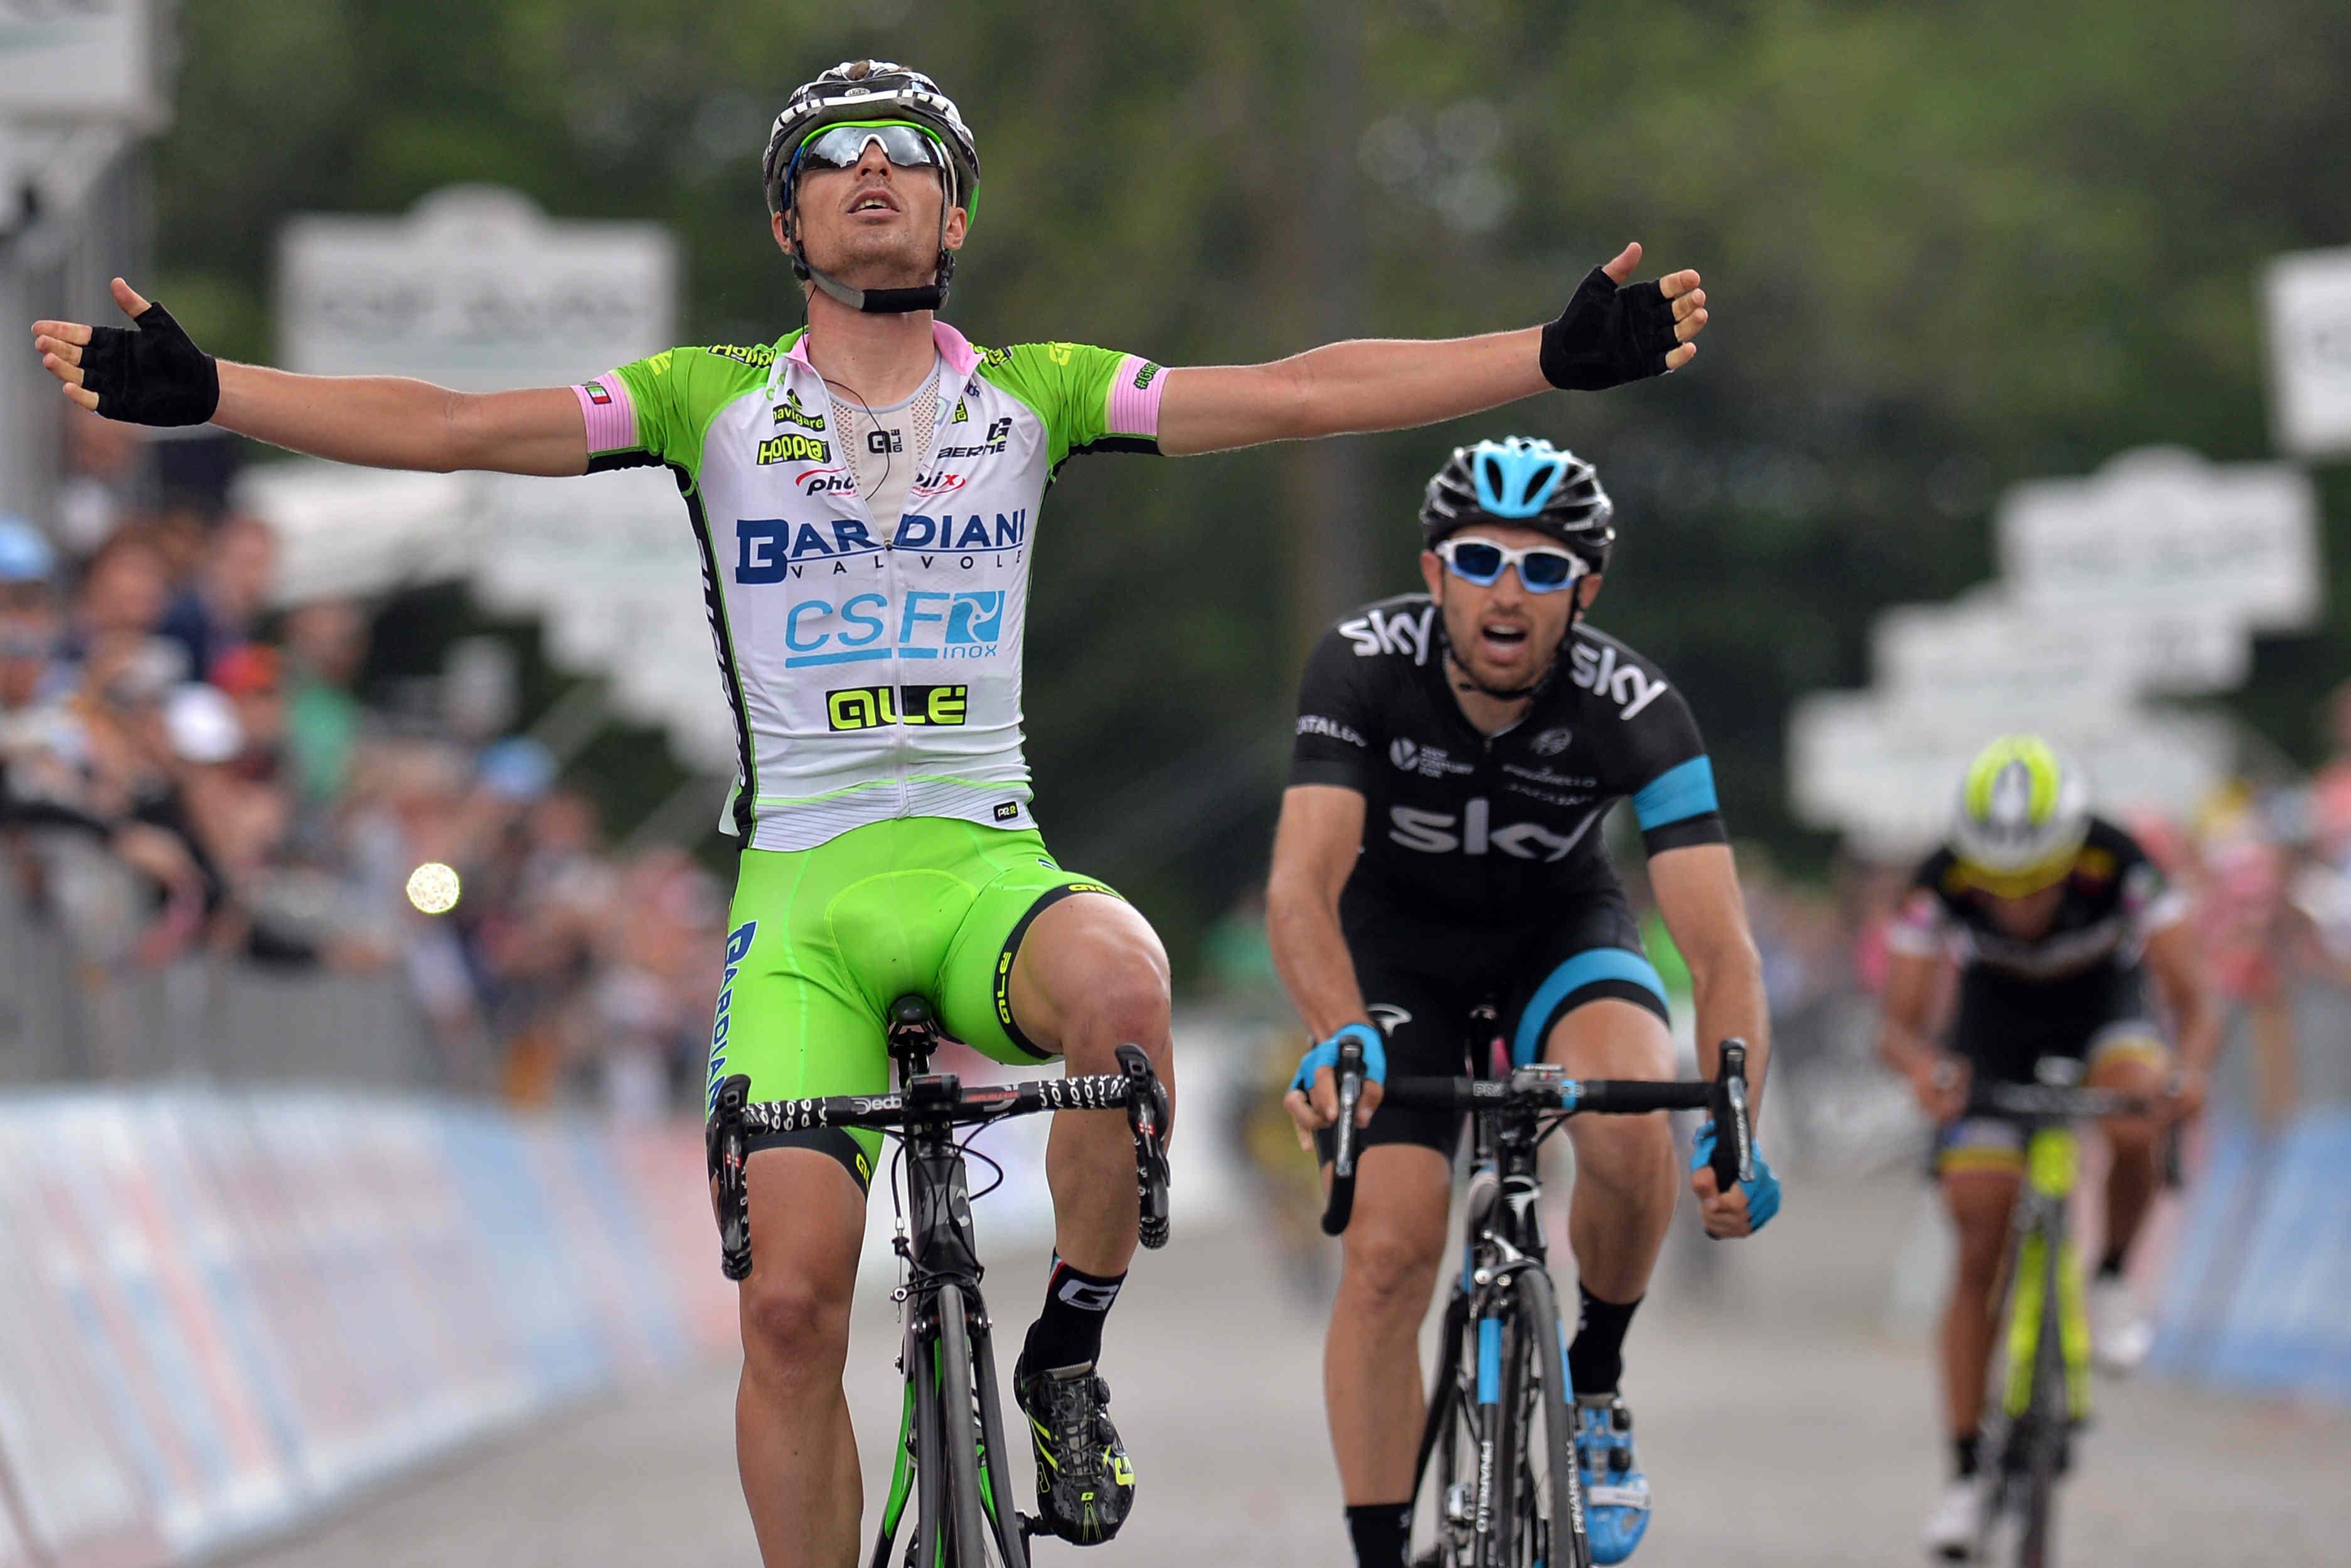 Enrico Battaglin vince ad Oropa la tappa 14 del Giro d'Italia 2014 (foto LaPresse)